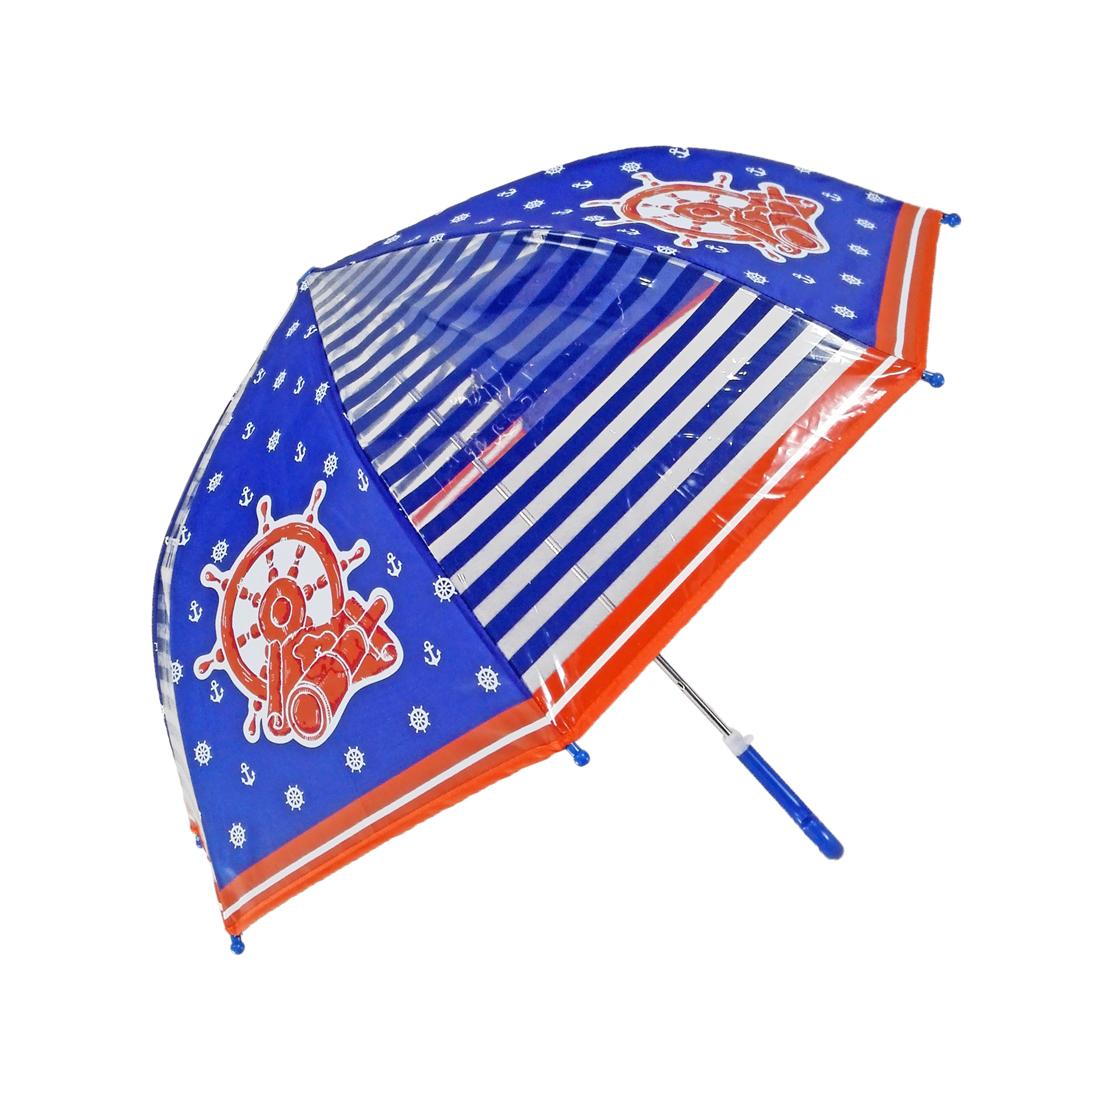 Зонты Mary Poppins Зонт детский Mary Poppins « Море» 46 см детские зонтики mary poppins автомобиль 46 см